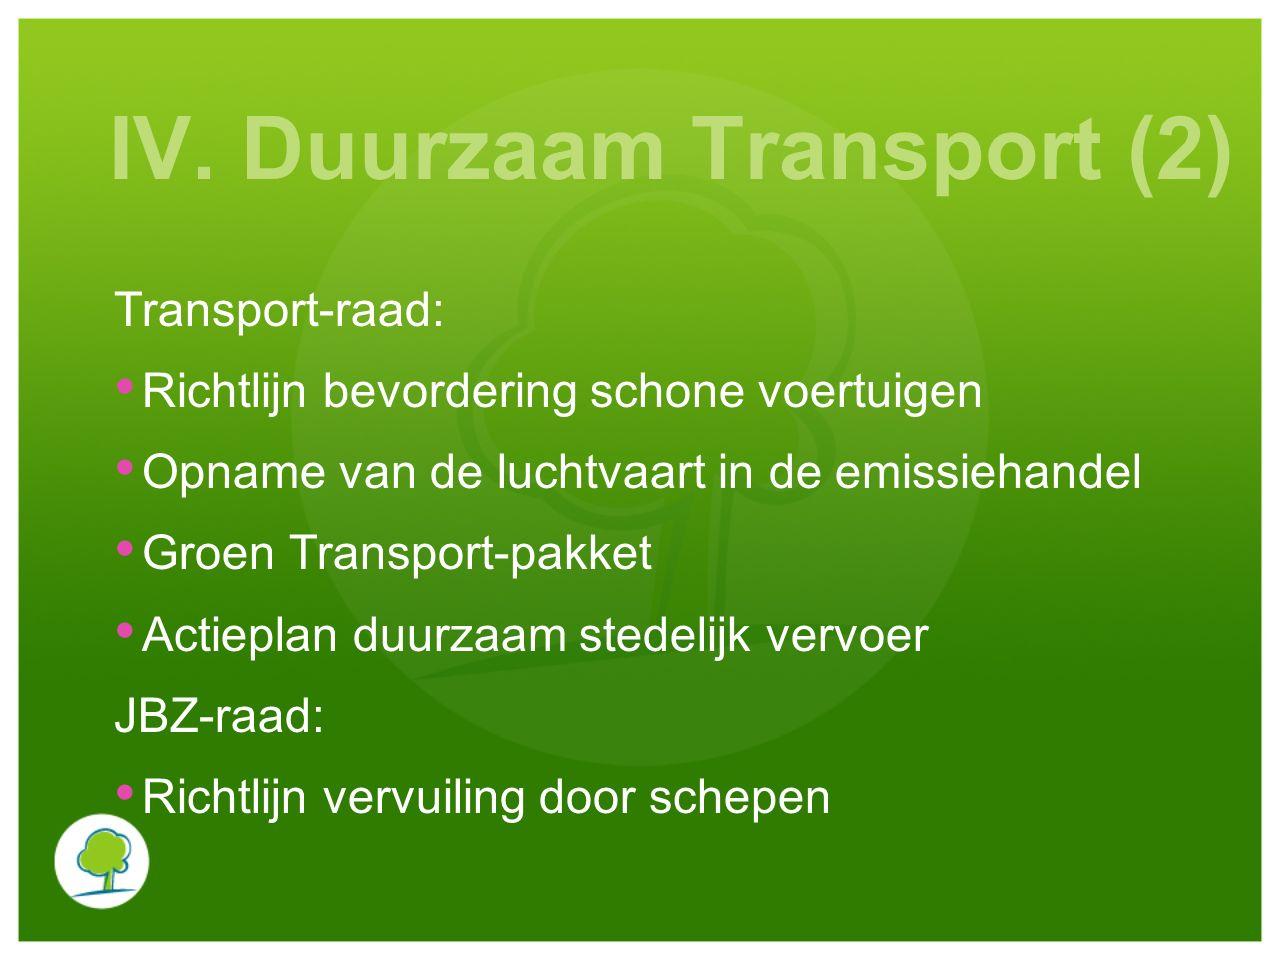 IV. Duurzaam Transport (2) Transport-raad: Richtlijn bevordering schone voertuigen Opname van de luchtvaart in de emissiehandel Groen Transport-pakket